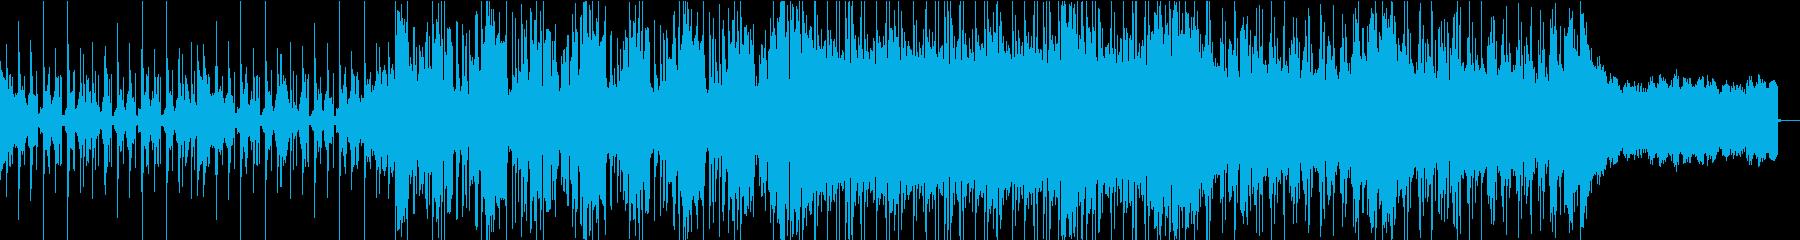 スローテンポで壮大なEDM・サイケの再生済みの波形